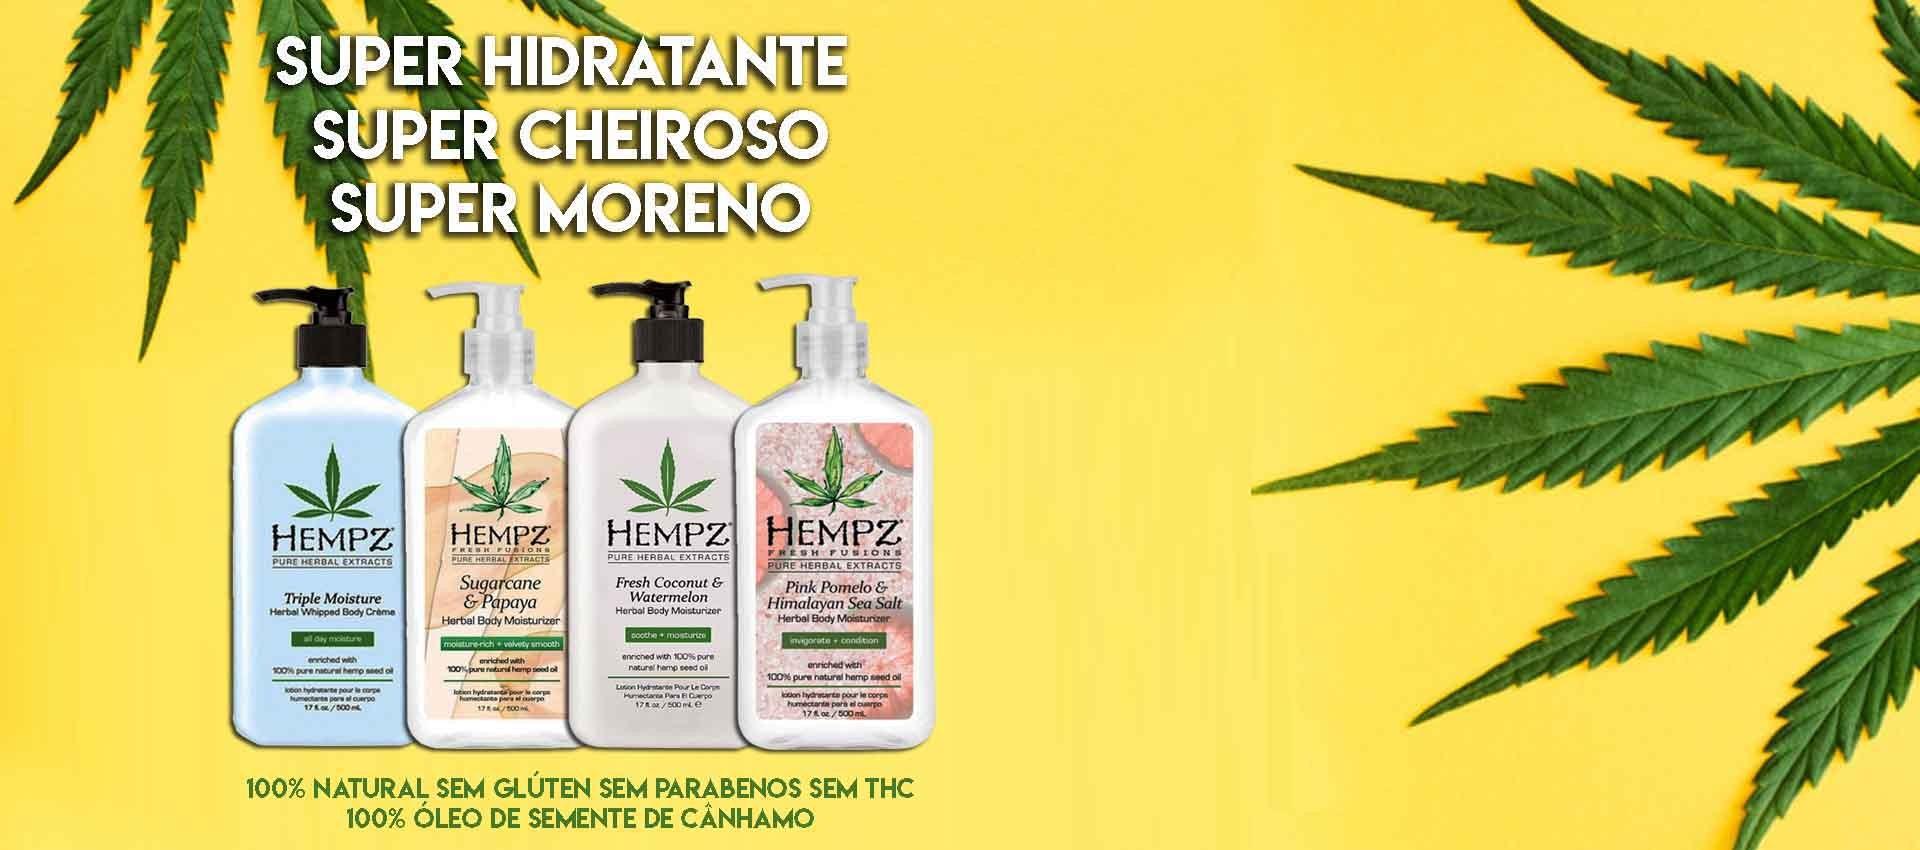 Hempz